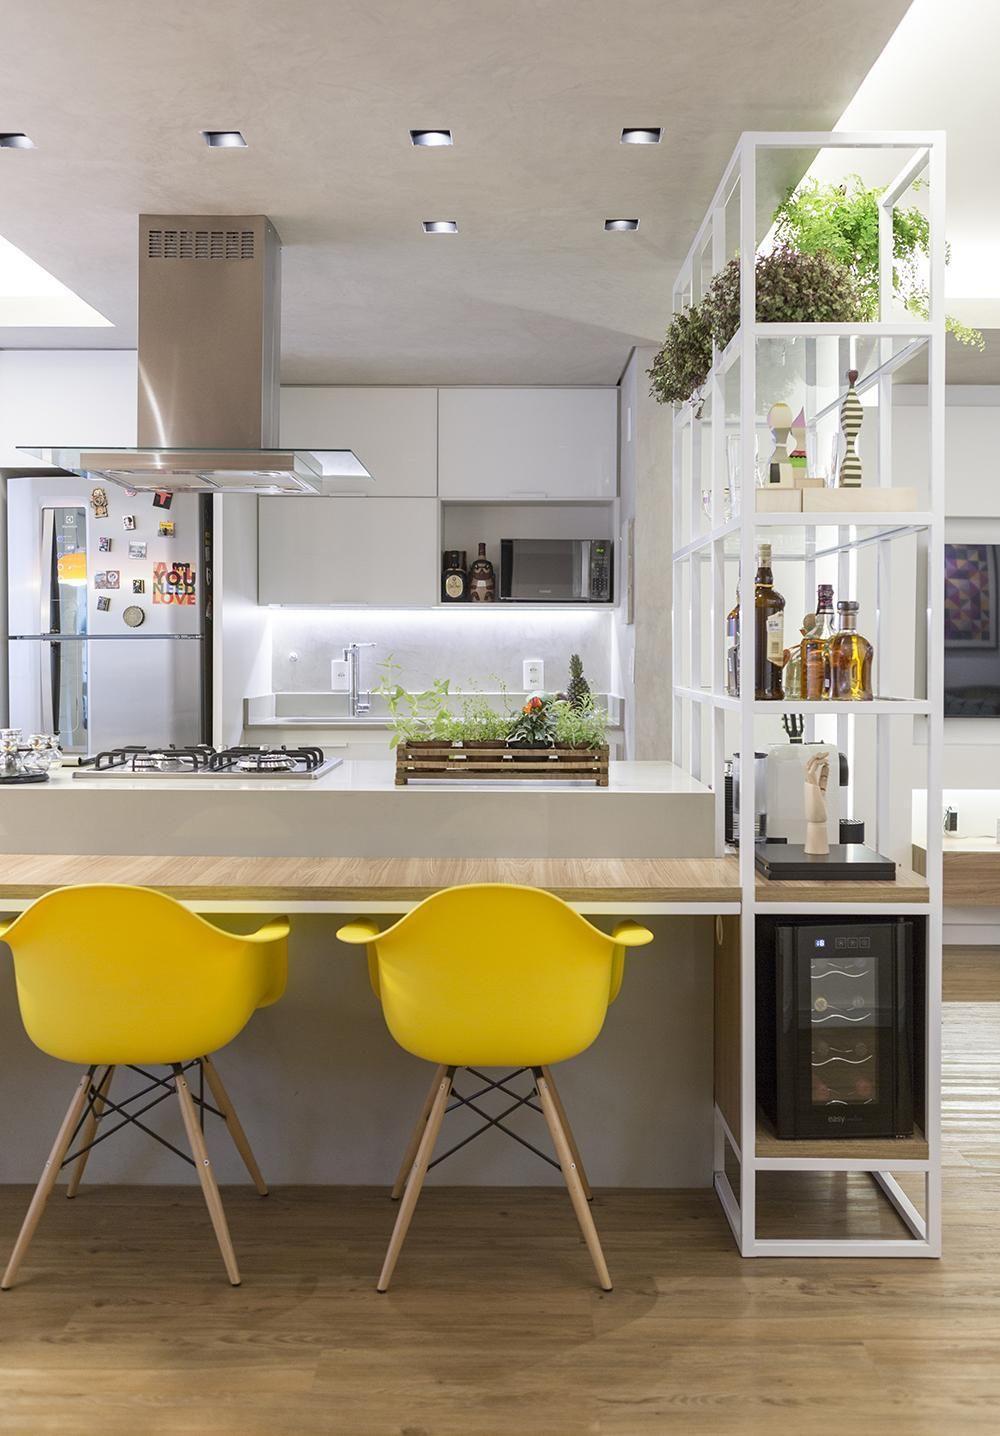 Cadeiras Amarelas Em Bancada De Madeira Na Cozinha De Clarice